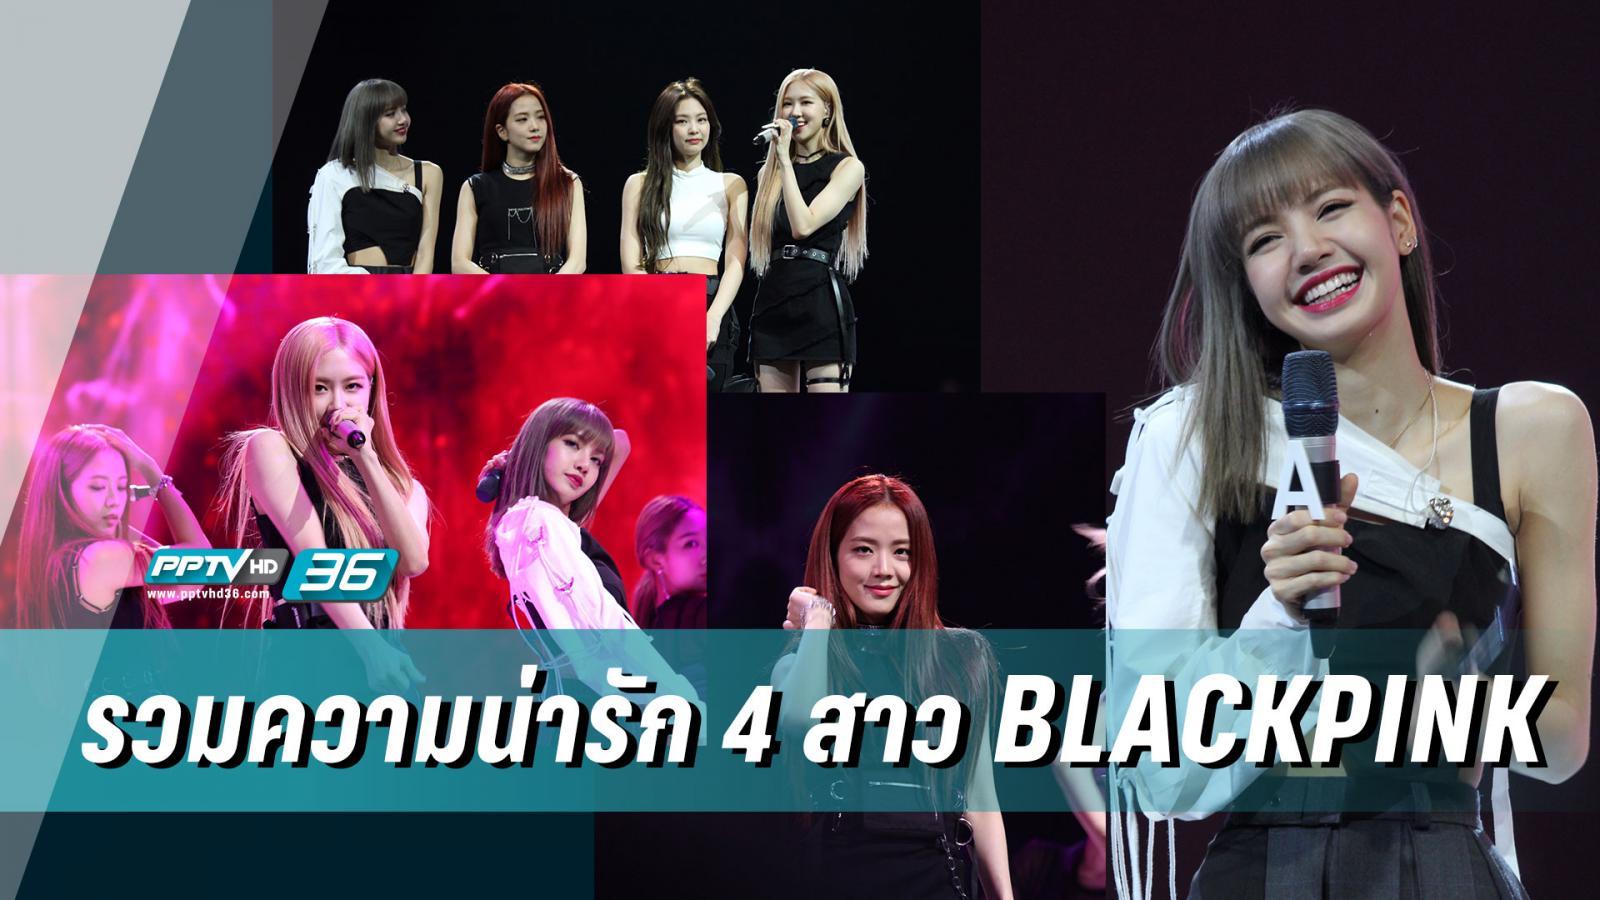 รวมความน่ารัก 4 สาว BLACKPINK